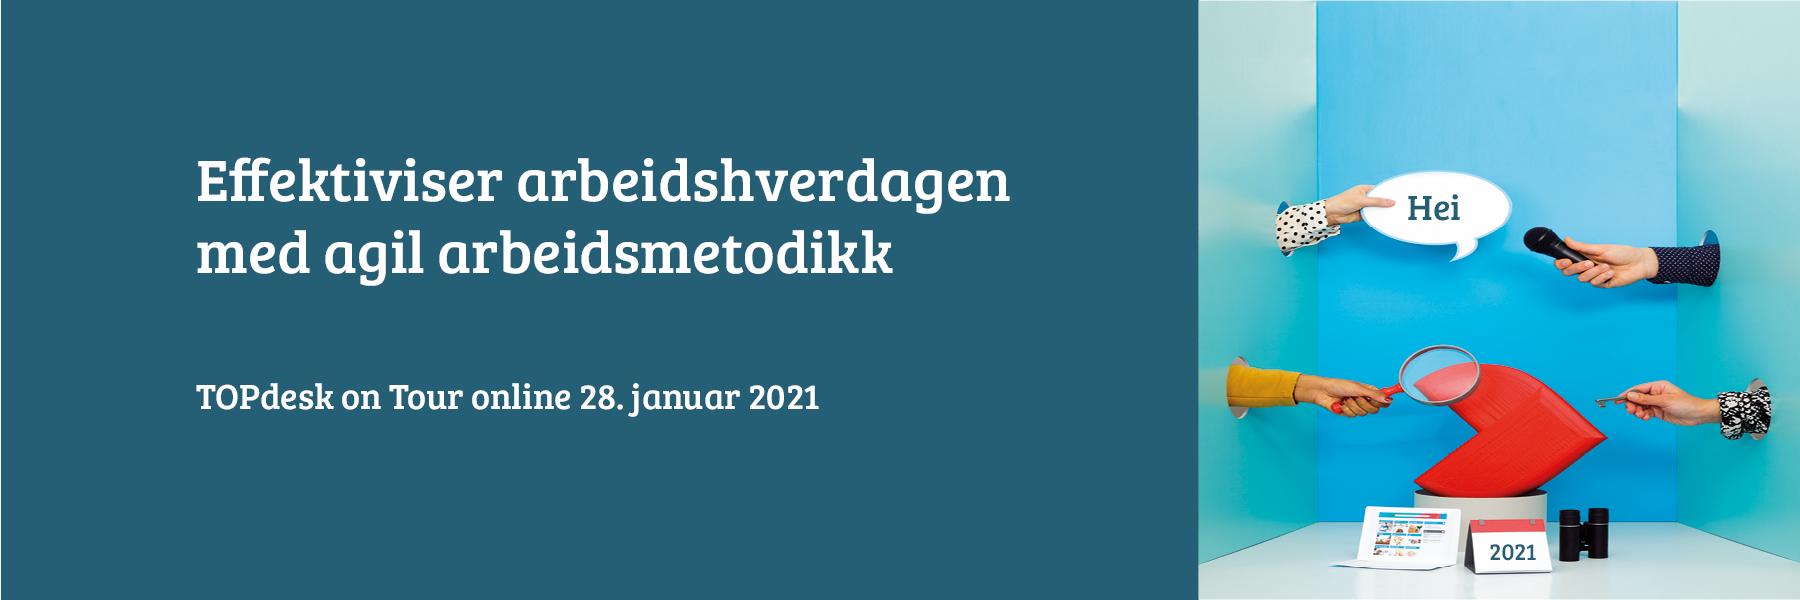 TOPdesk on Tour online 2021 banner til påmeldingsside_agile arbeidsmetodikk